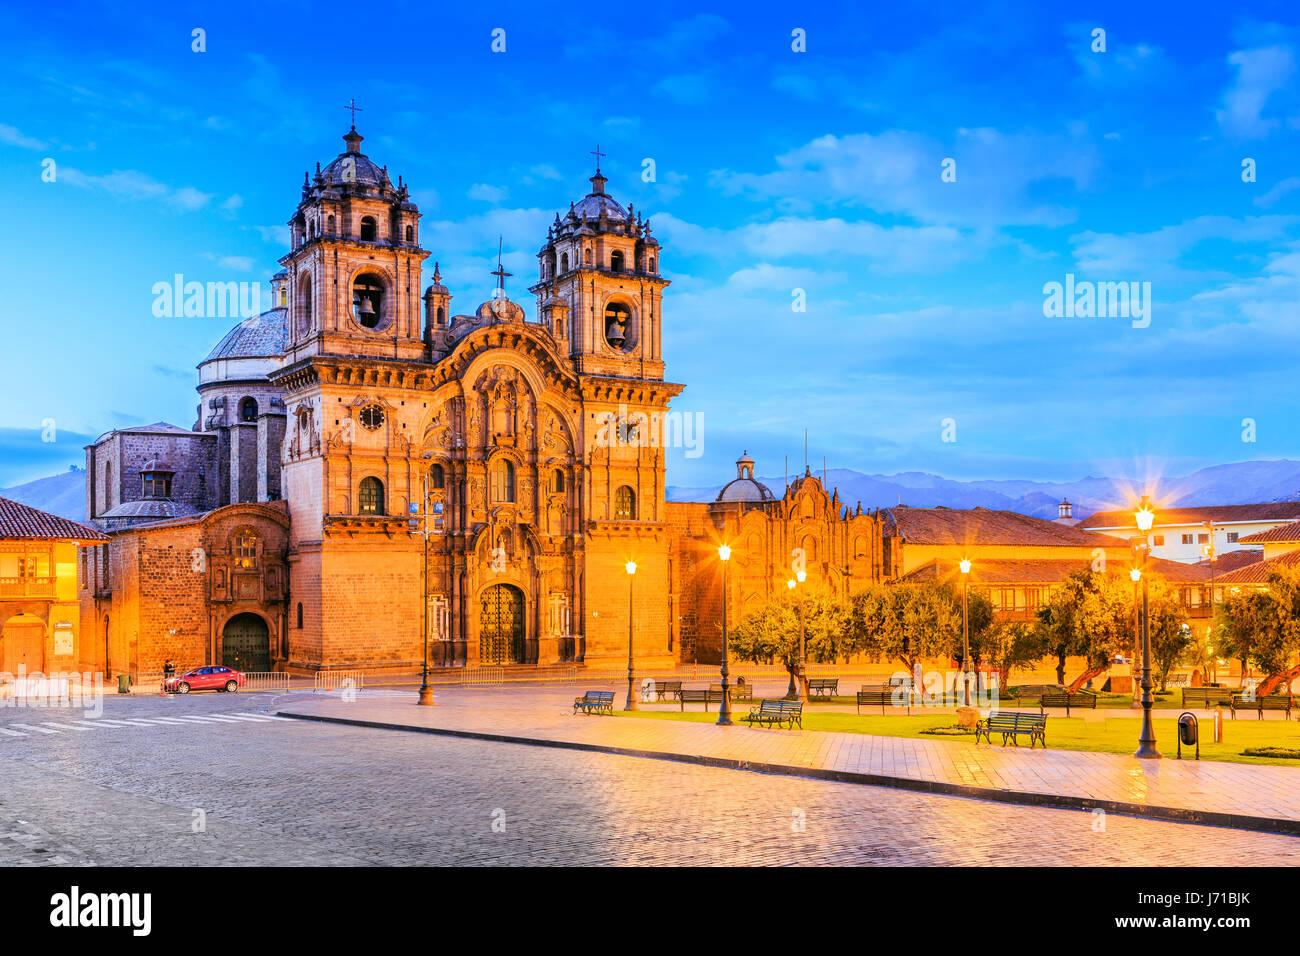 Cusco, Peru-die historische Hauptstadt des Inka-Reiches. Plaza de Armas in der Dämmerung. Stockbild